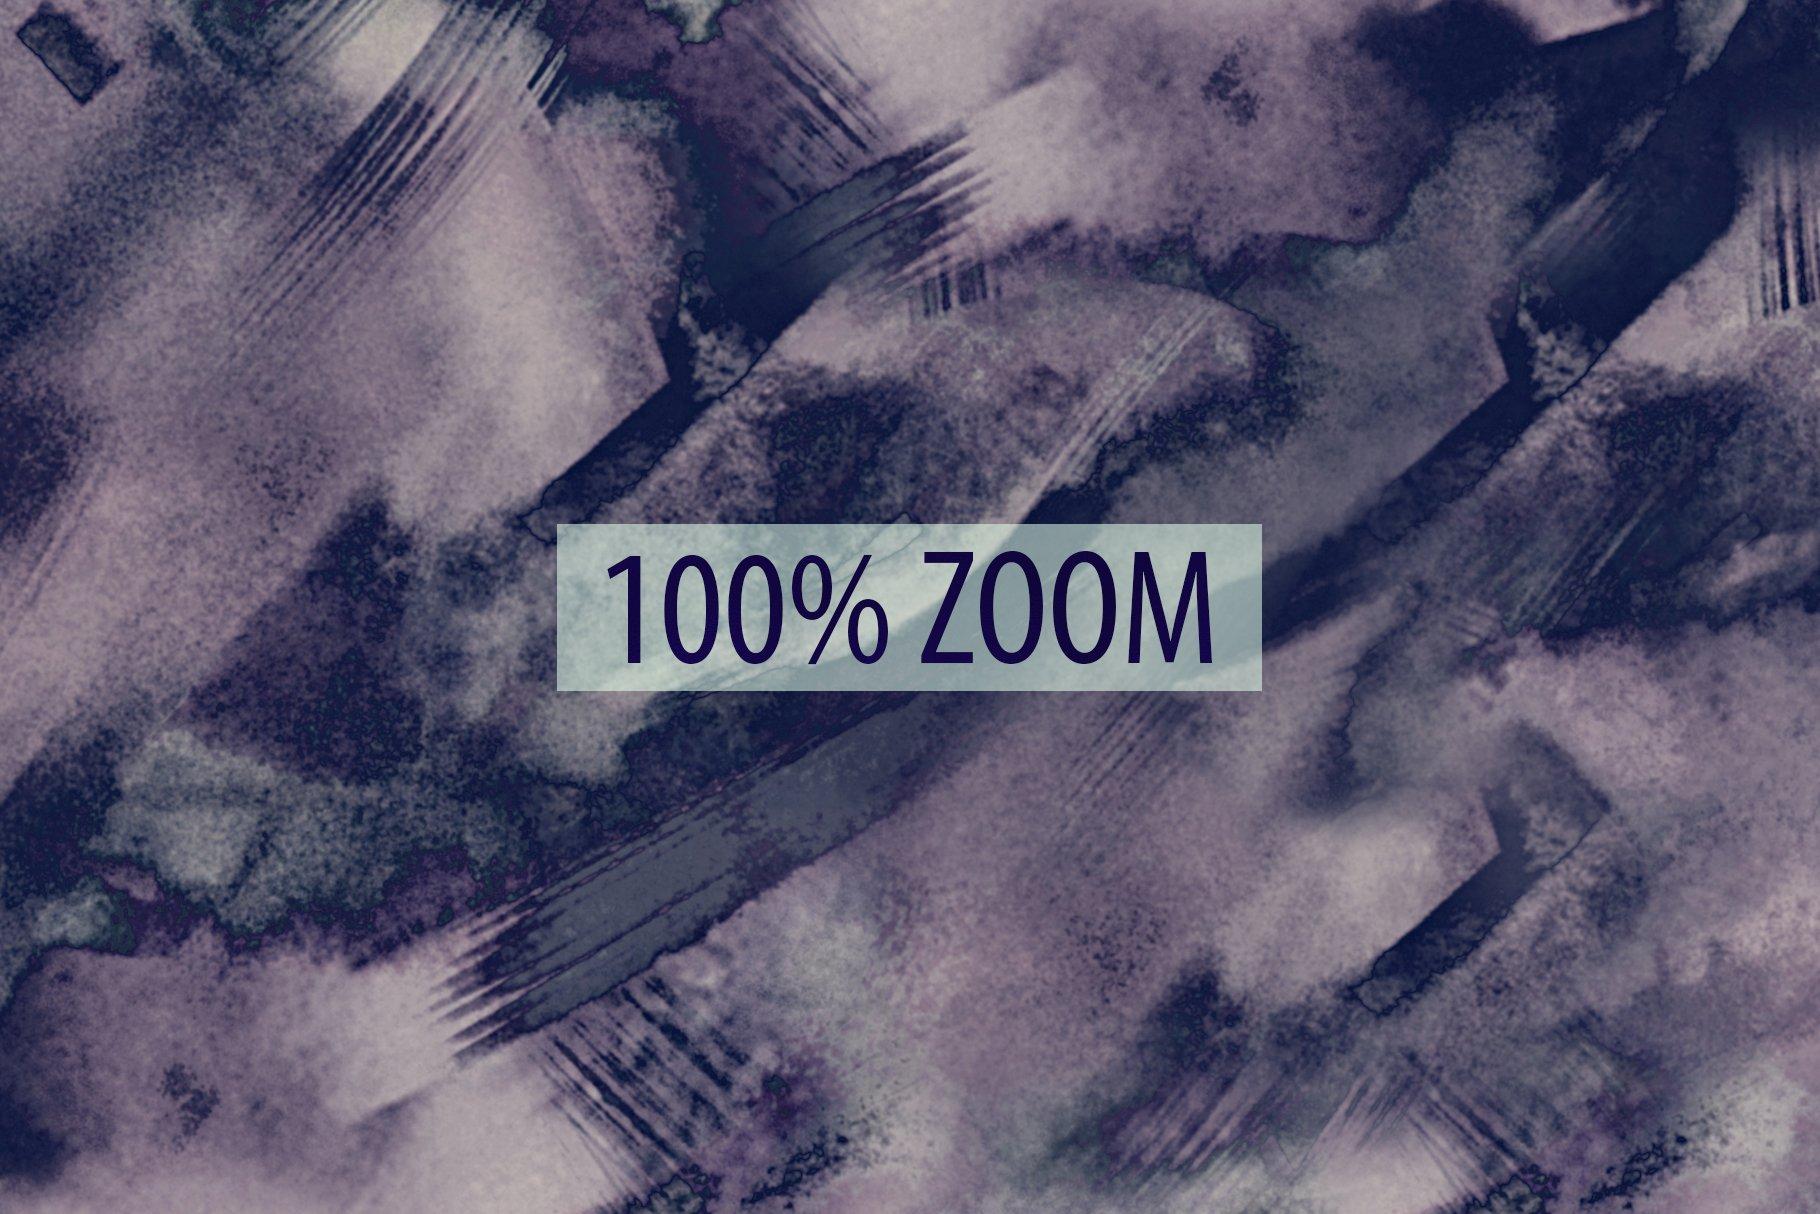 抽象紫色海军蓝绿色调丙烯酸油漆笔刷背景纹理图片素材 Brushstroke Textures Collection插图(11)